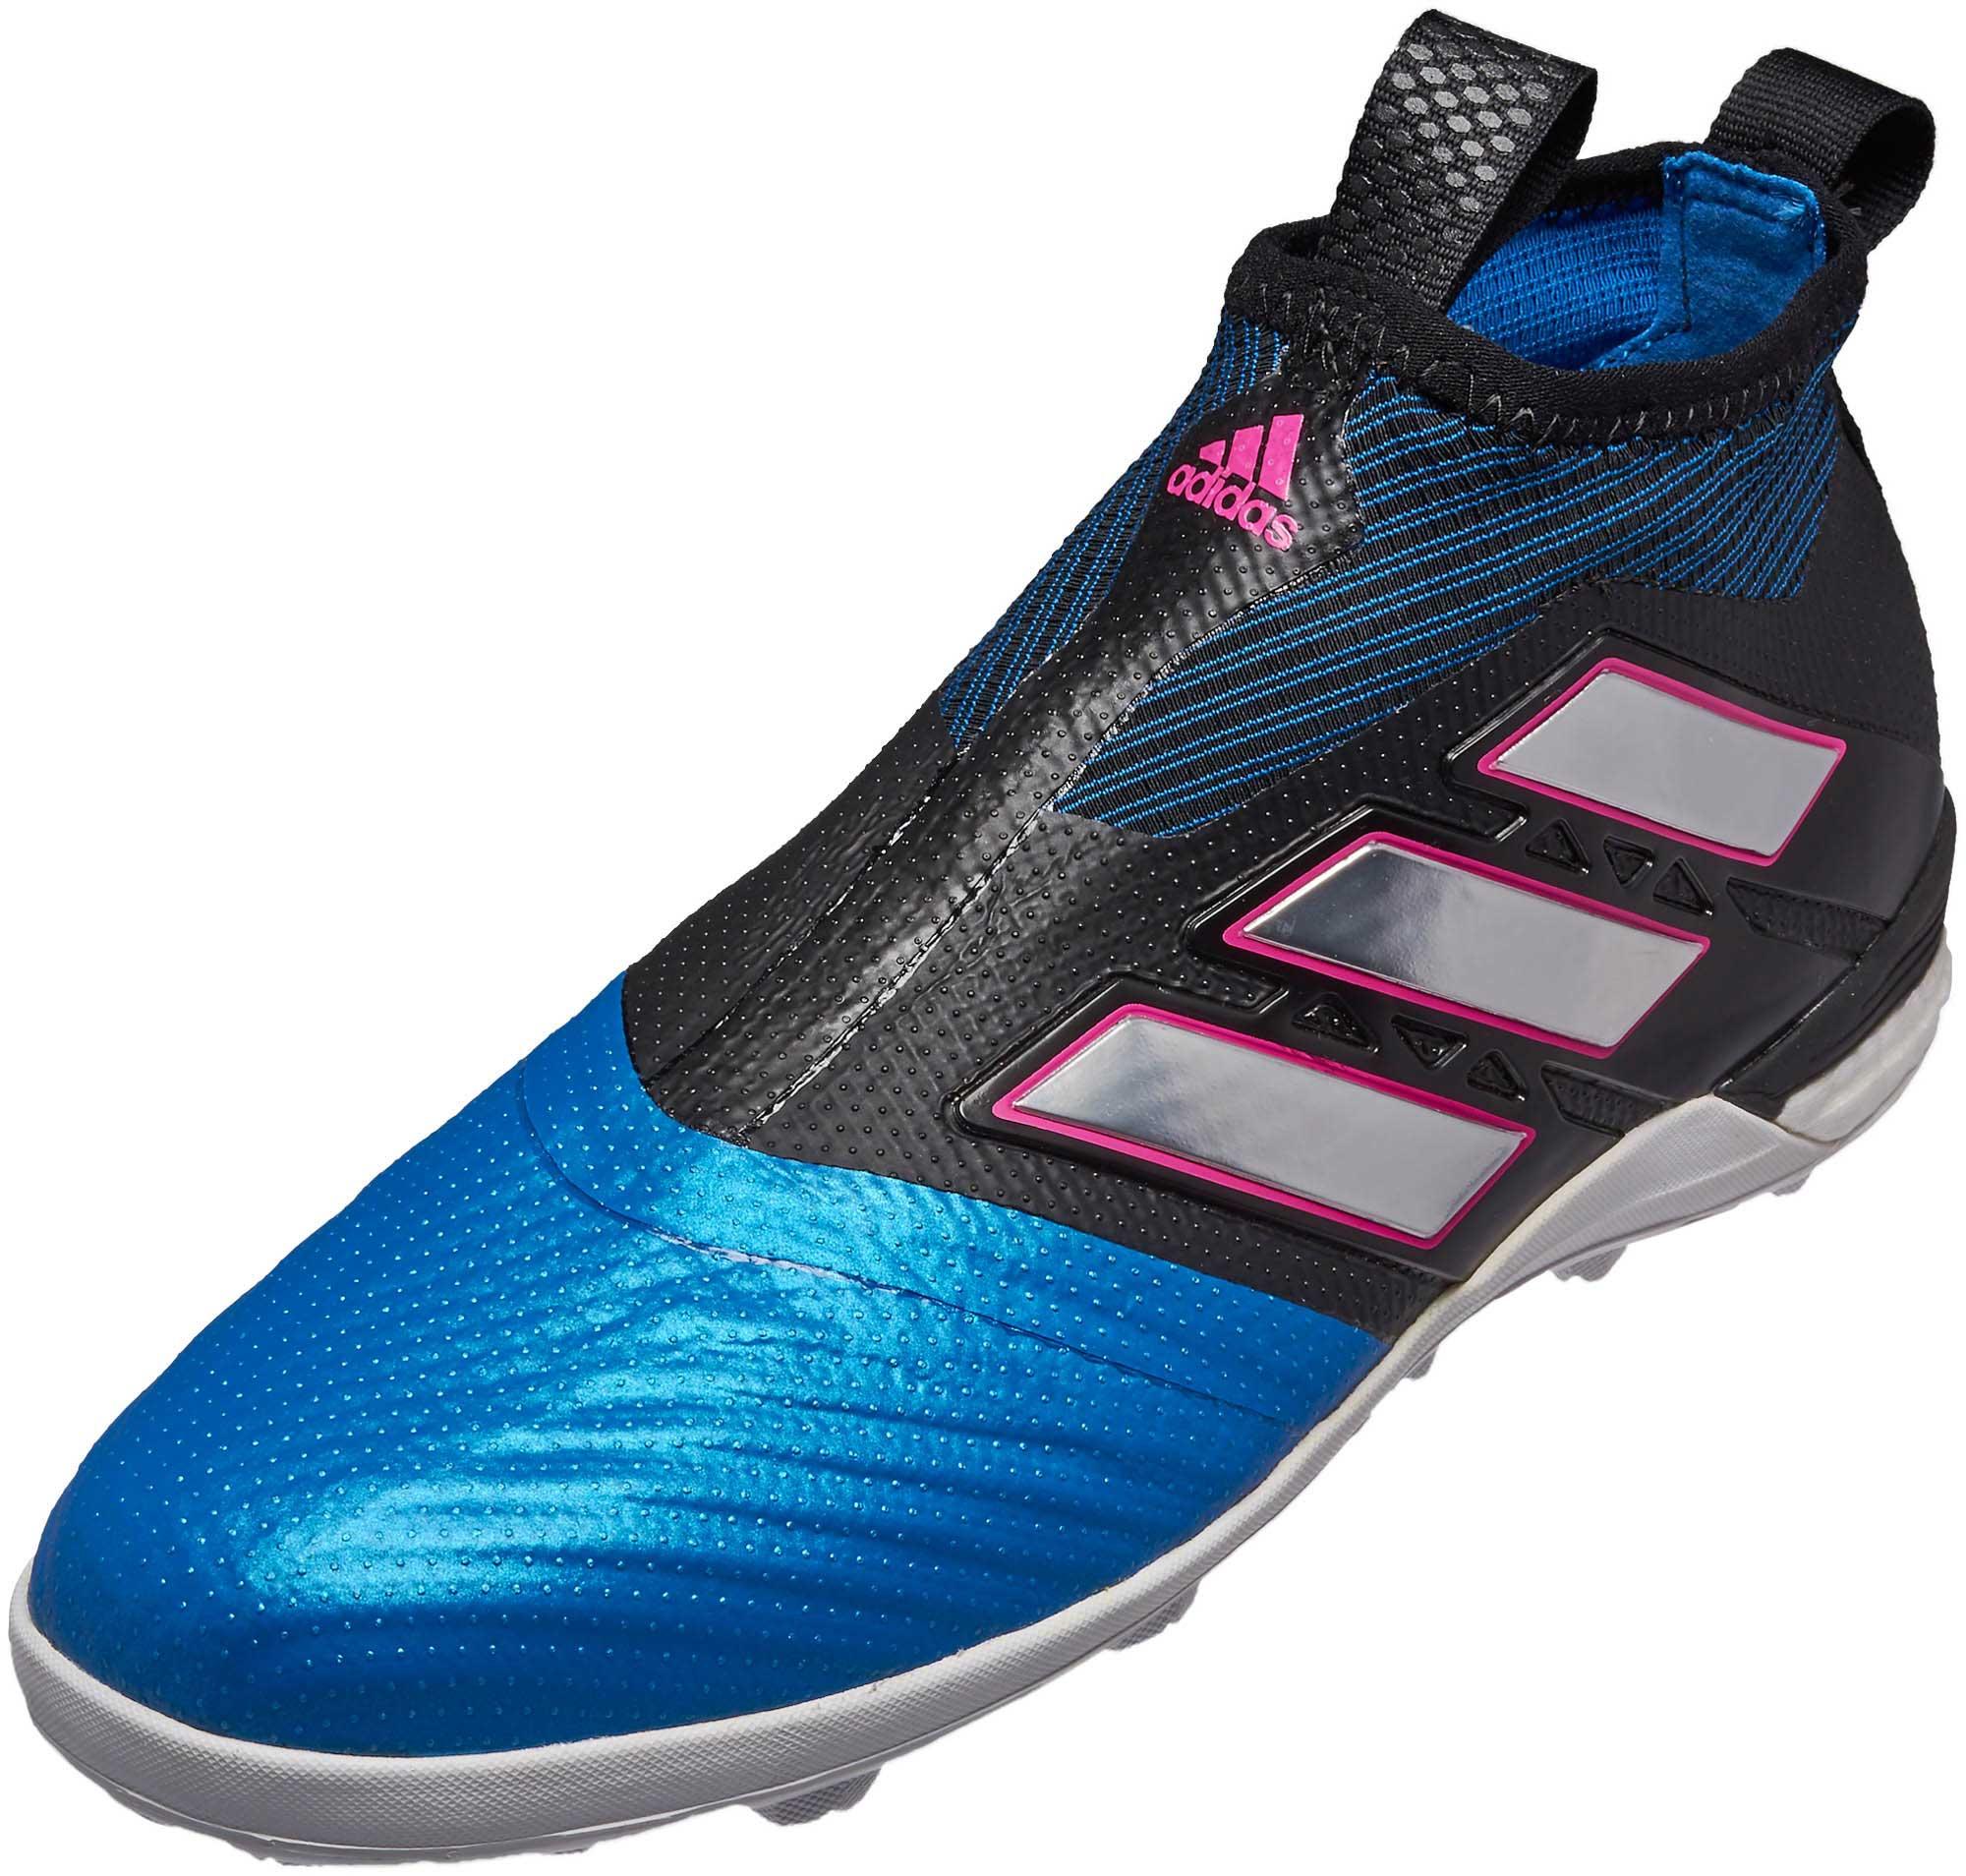 Adidas ace tango 17 purecontrol tf ace scarpe